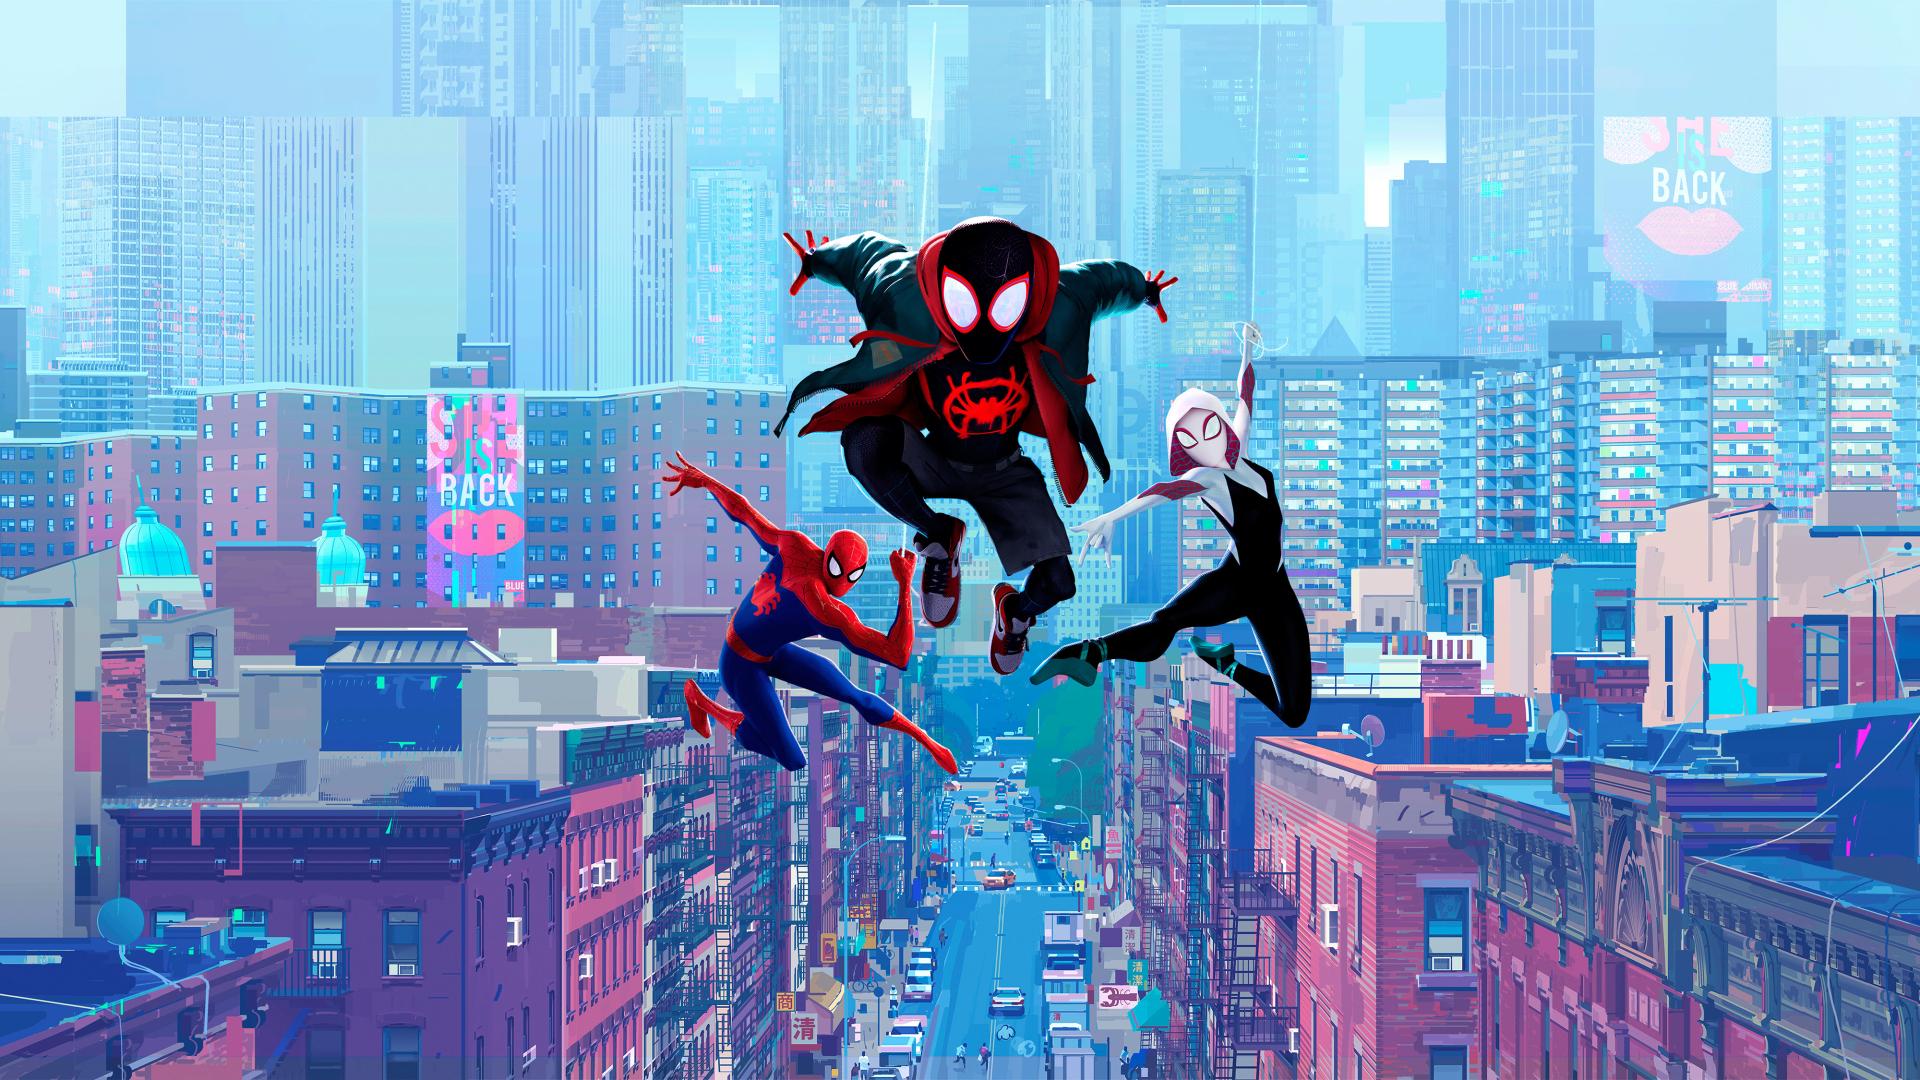 1920x1080 Spider Man Into The Spider Verse 2019 1080p Laptop